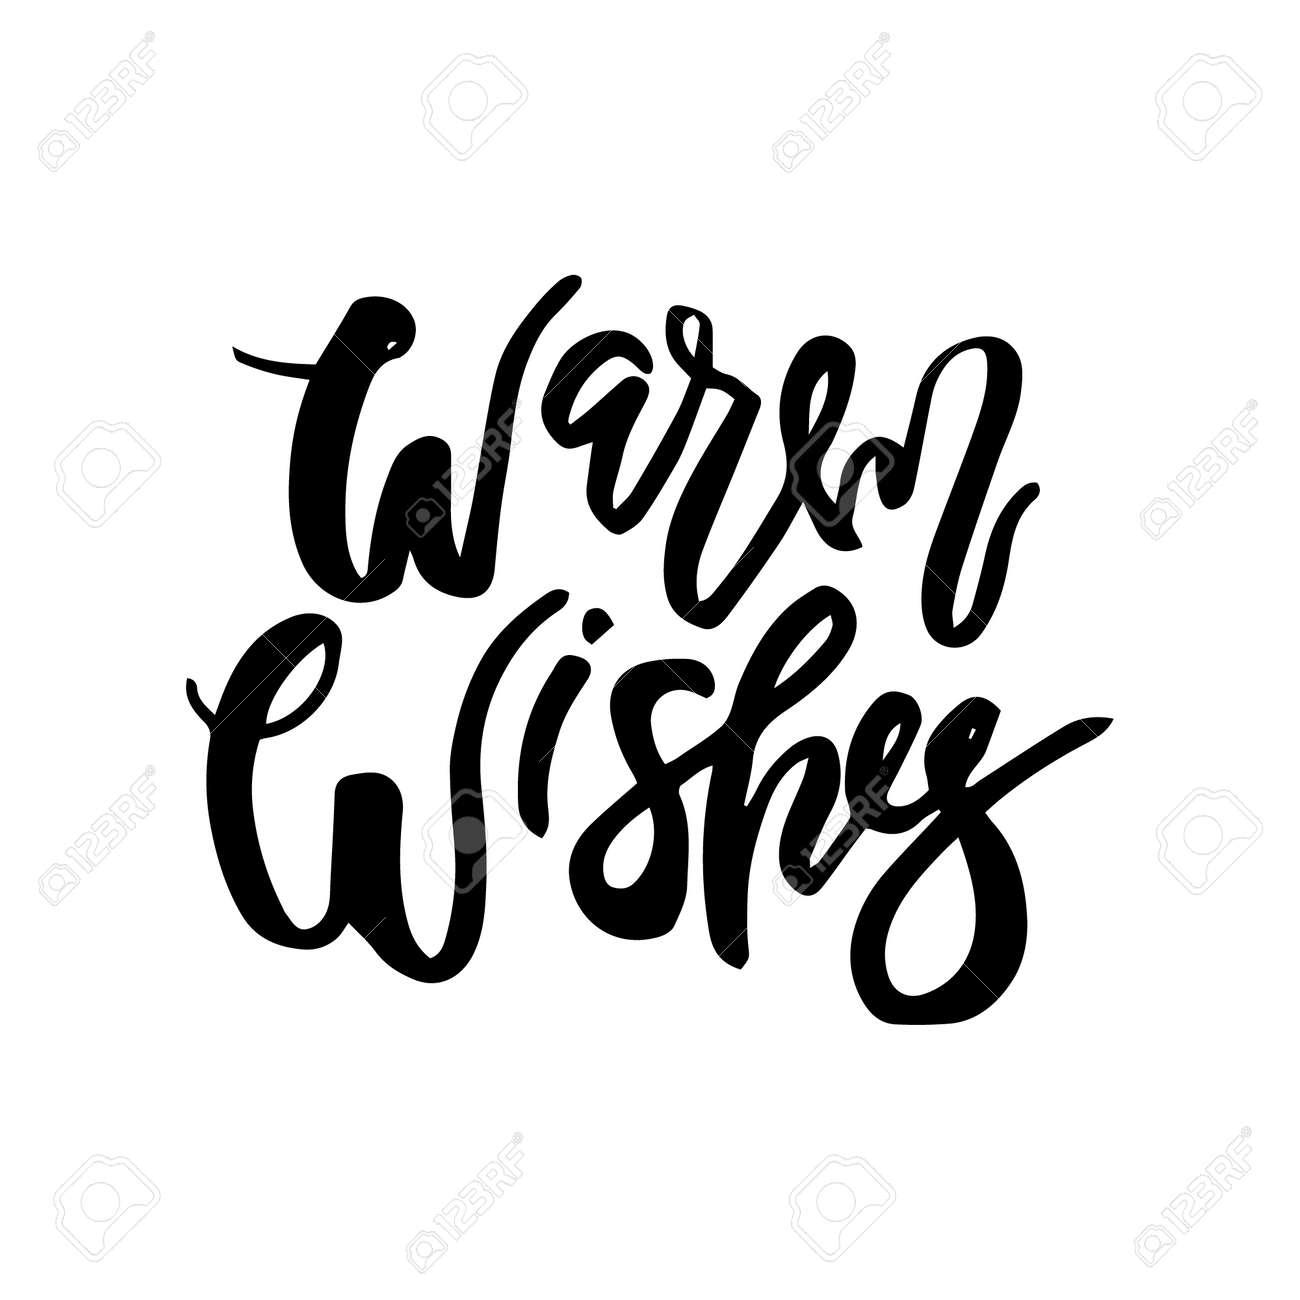 Tarjeta De Feliz Navidad Con Caligrafía Warm Wishes Plantilla Para Saludos Felicidades Carteles De Inauguración De La Casa Invitaciones